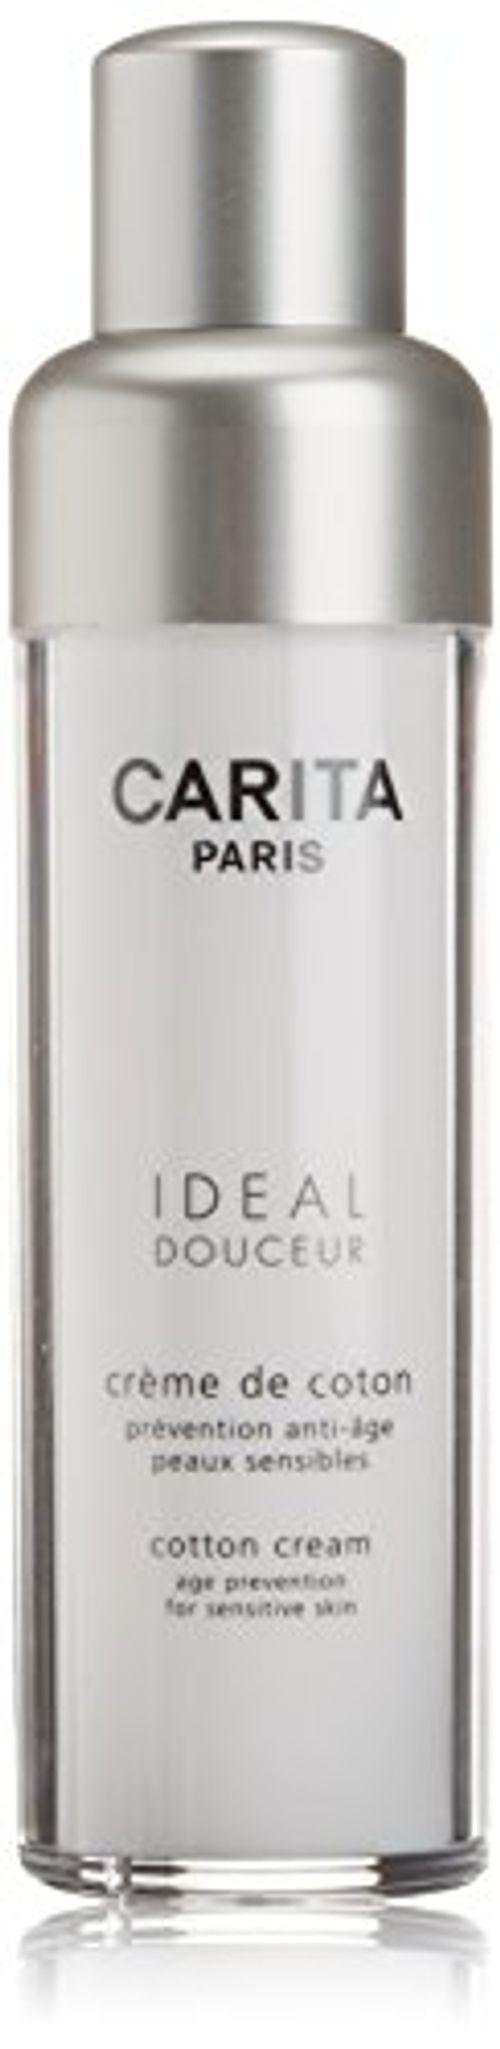 photo Wallpaper of Carita-CARITA IDEAL DOUCEUR Crème De Coton 50 Ml-